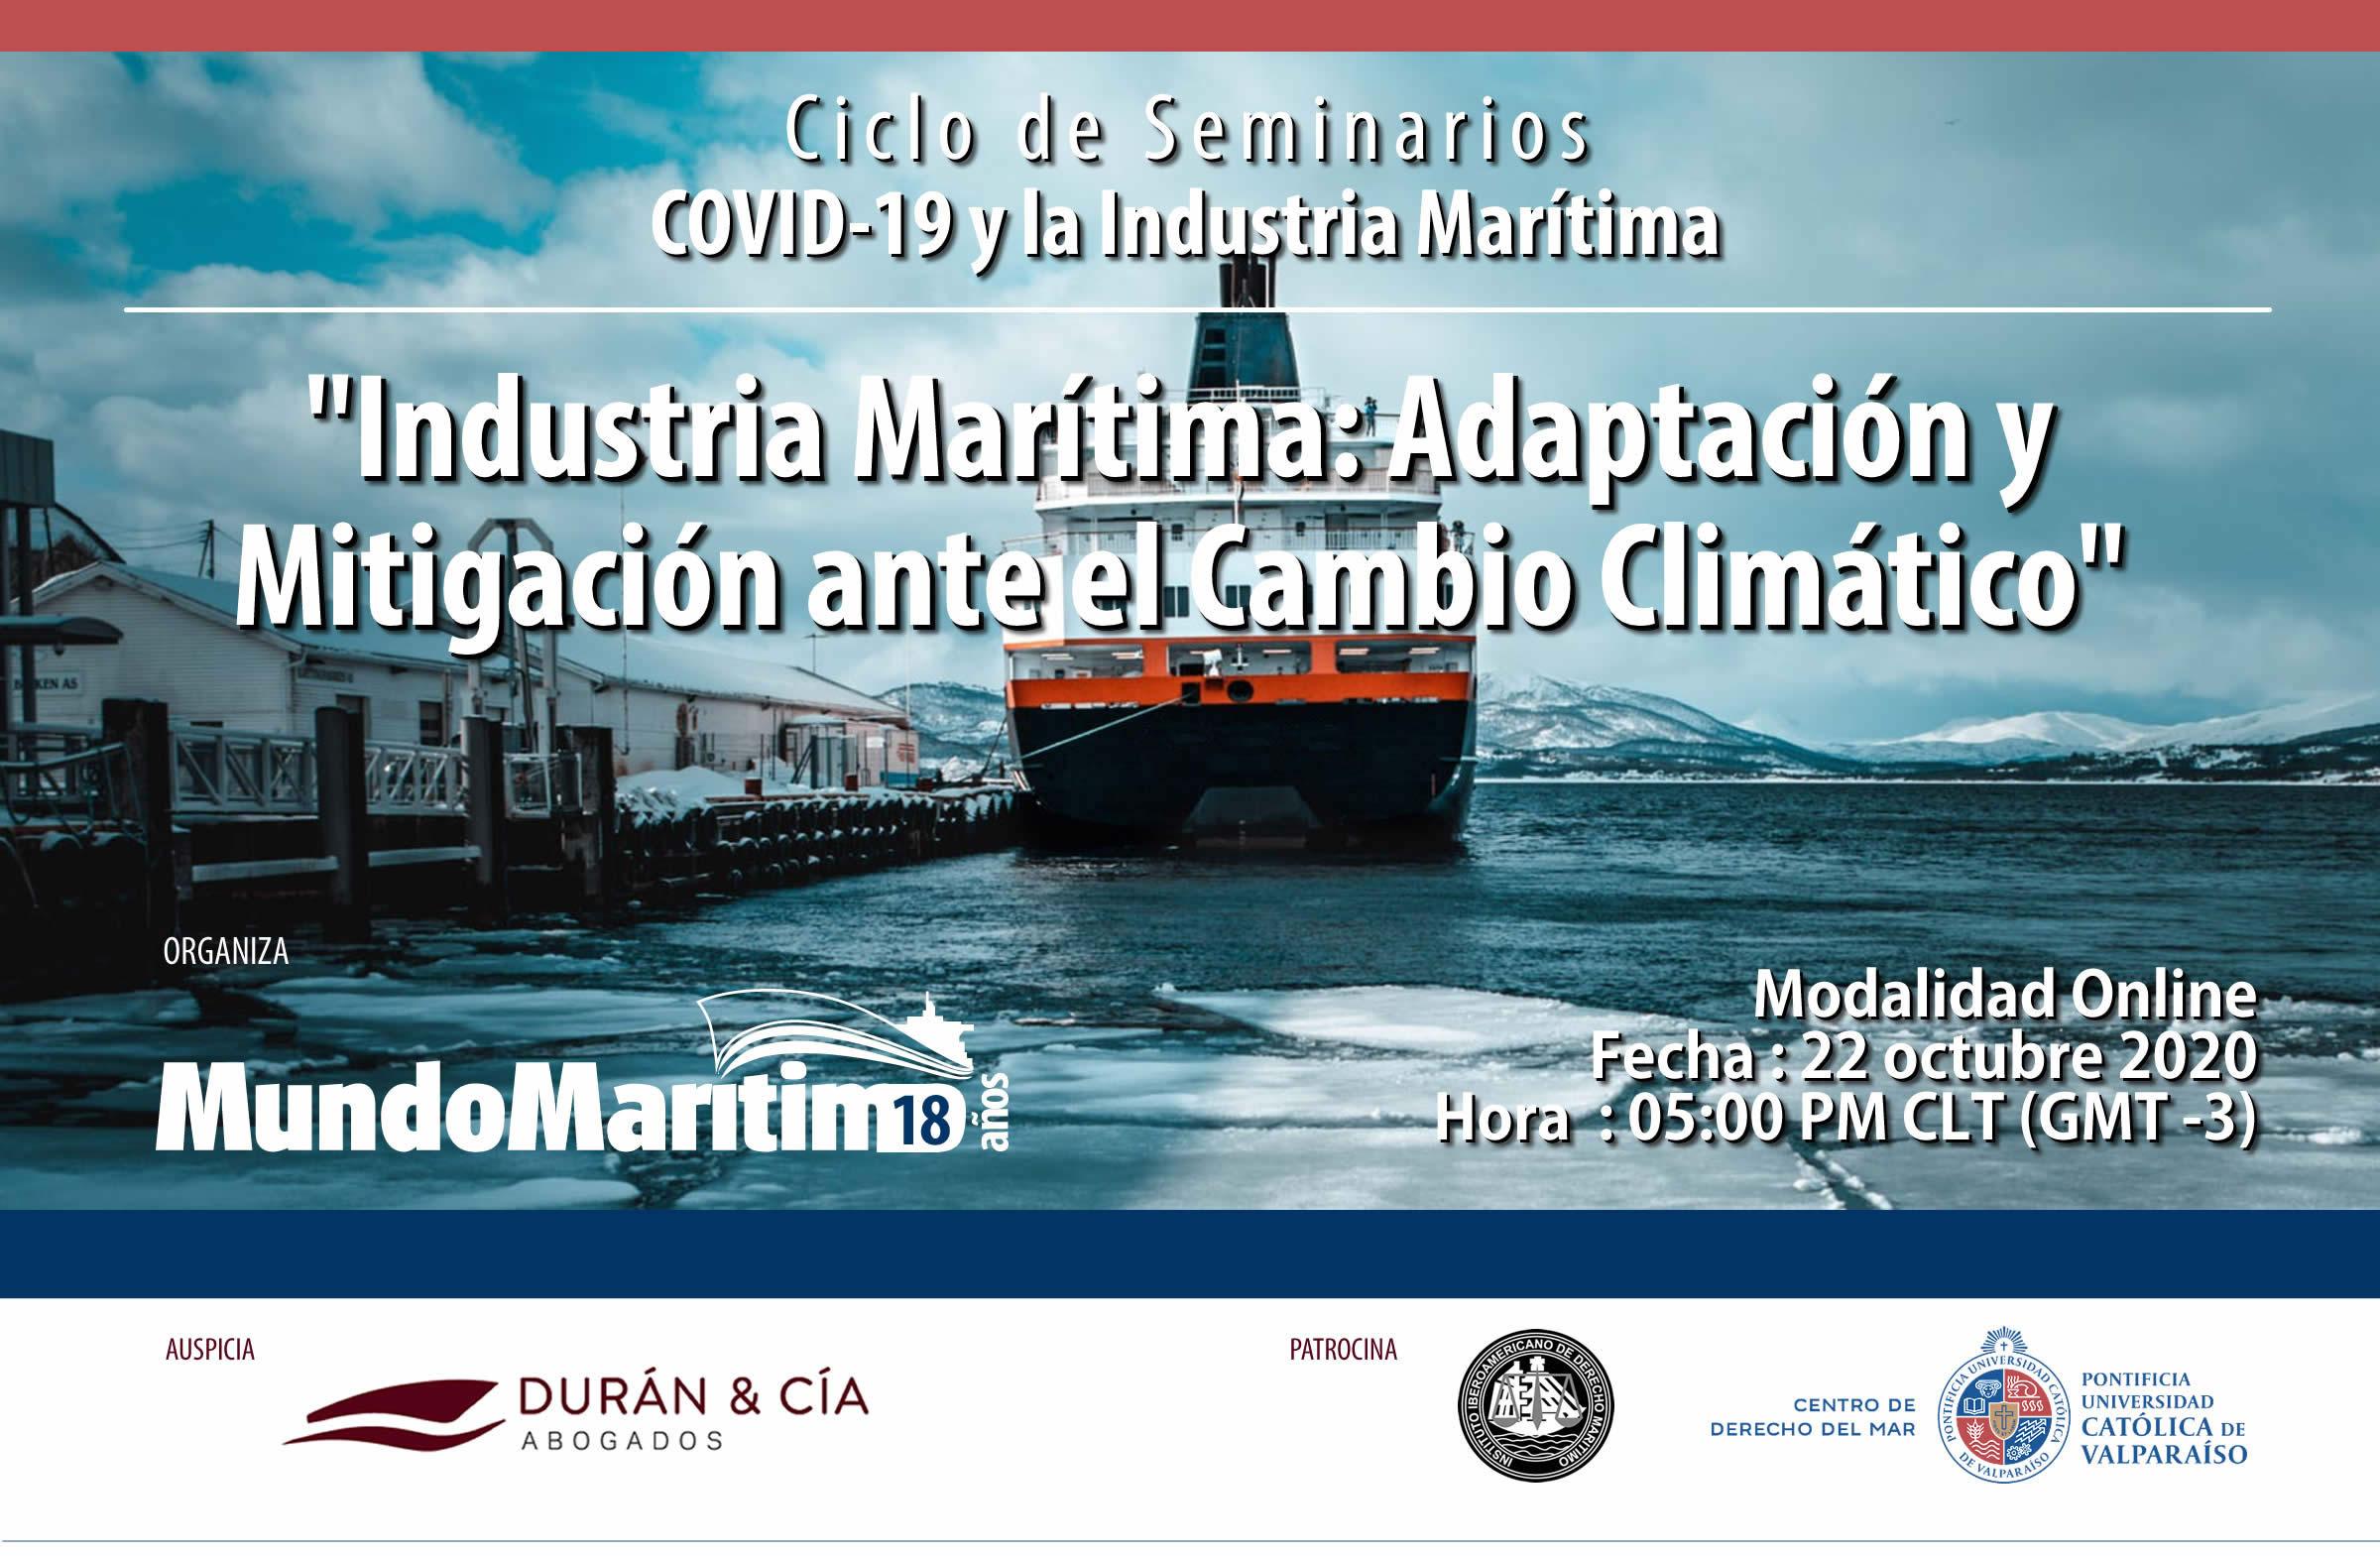 Industria Marítima: Adaptación y Mitigación ante el Cambio Climático